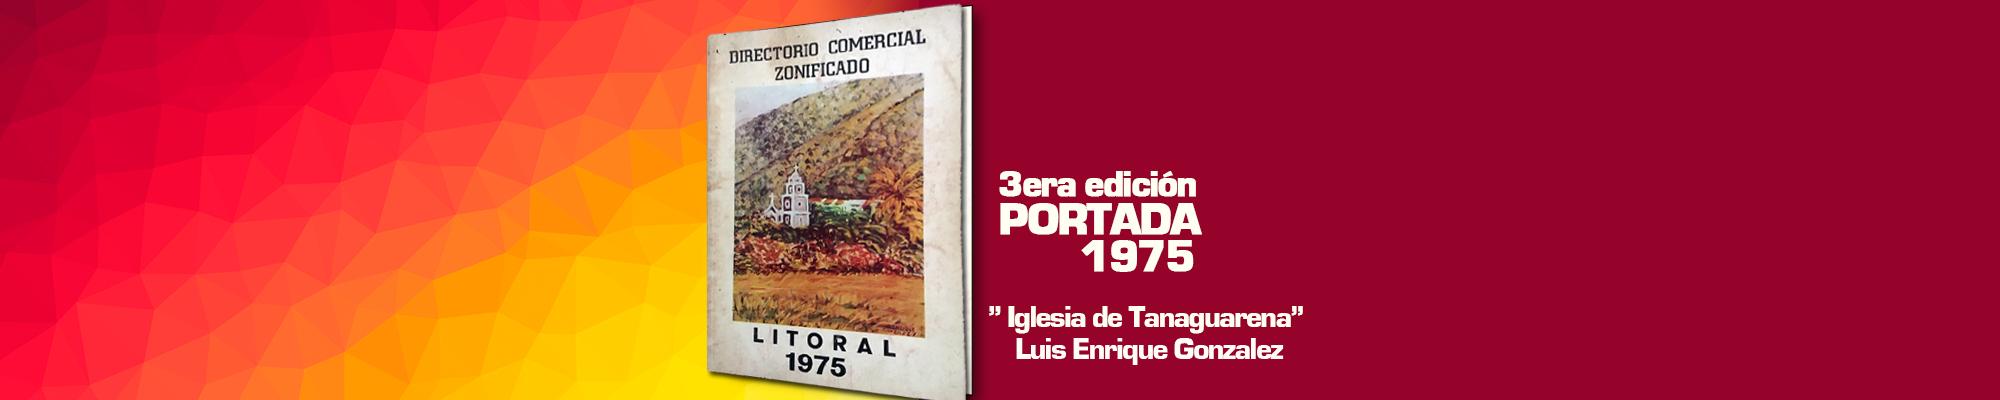 luis-enrique-gonzalez-nuestra-portada-1975